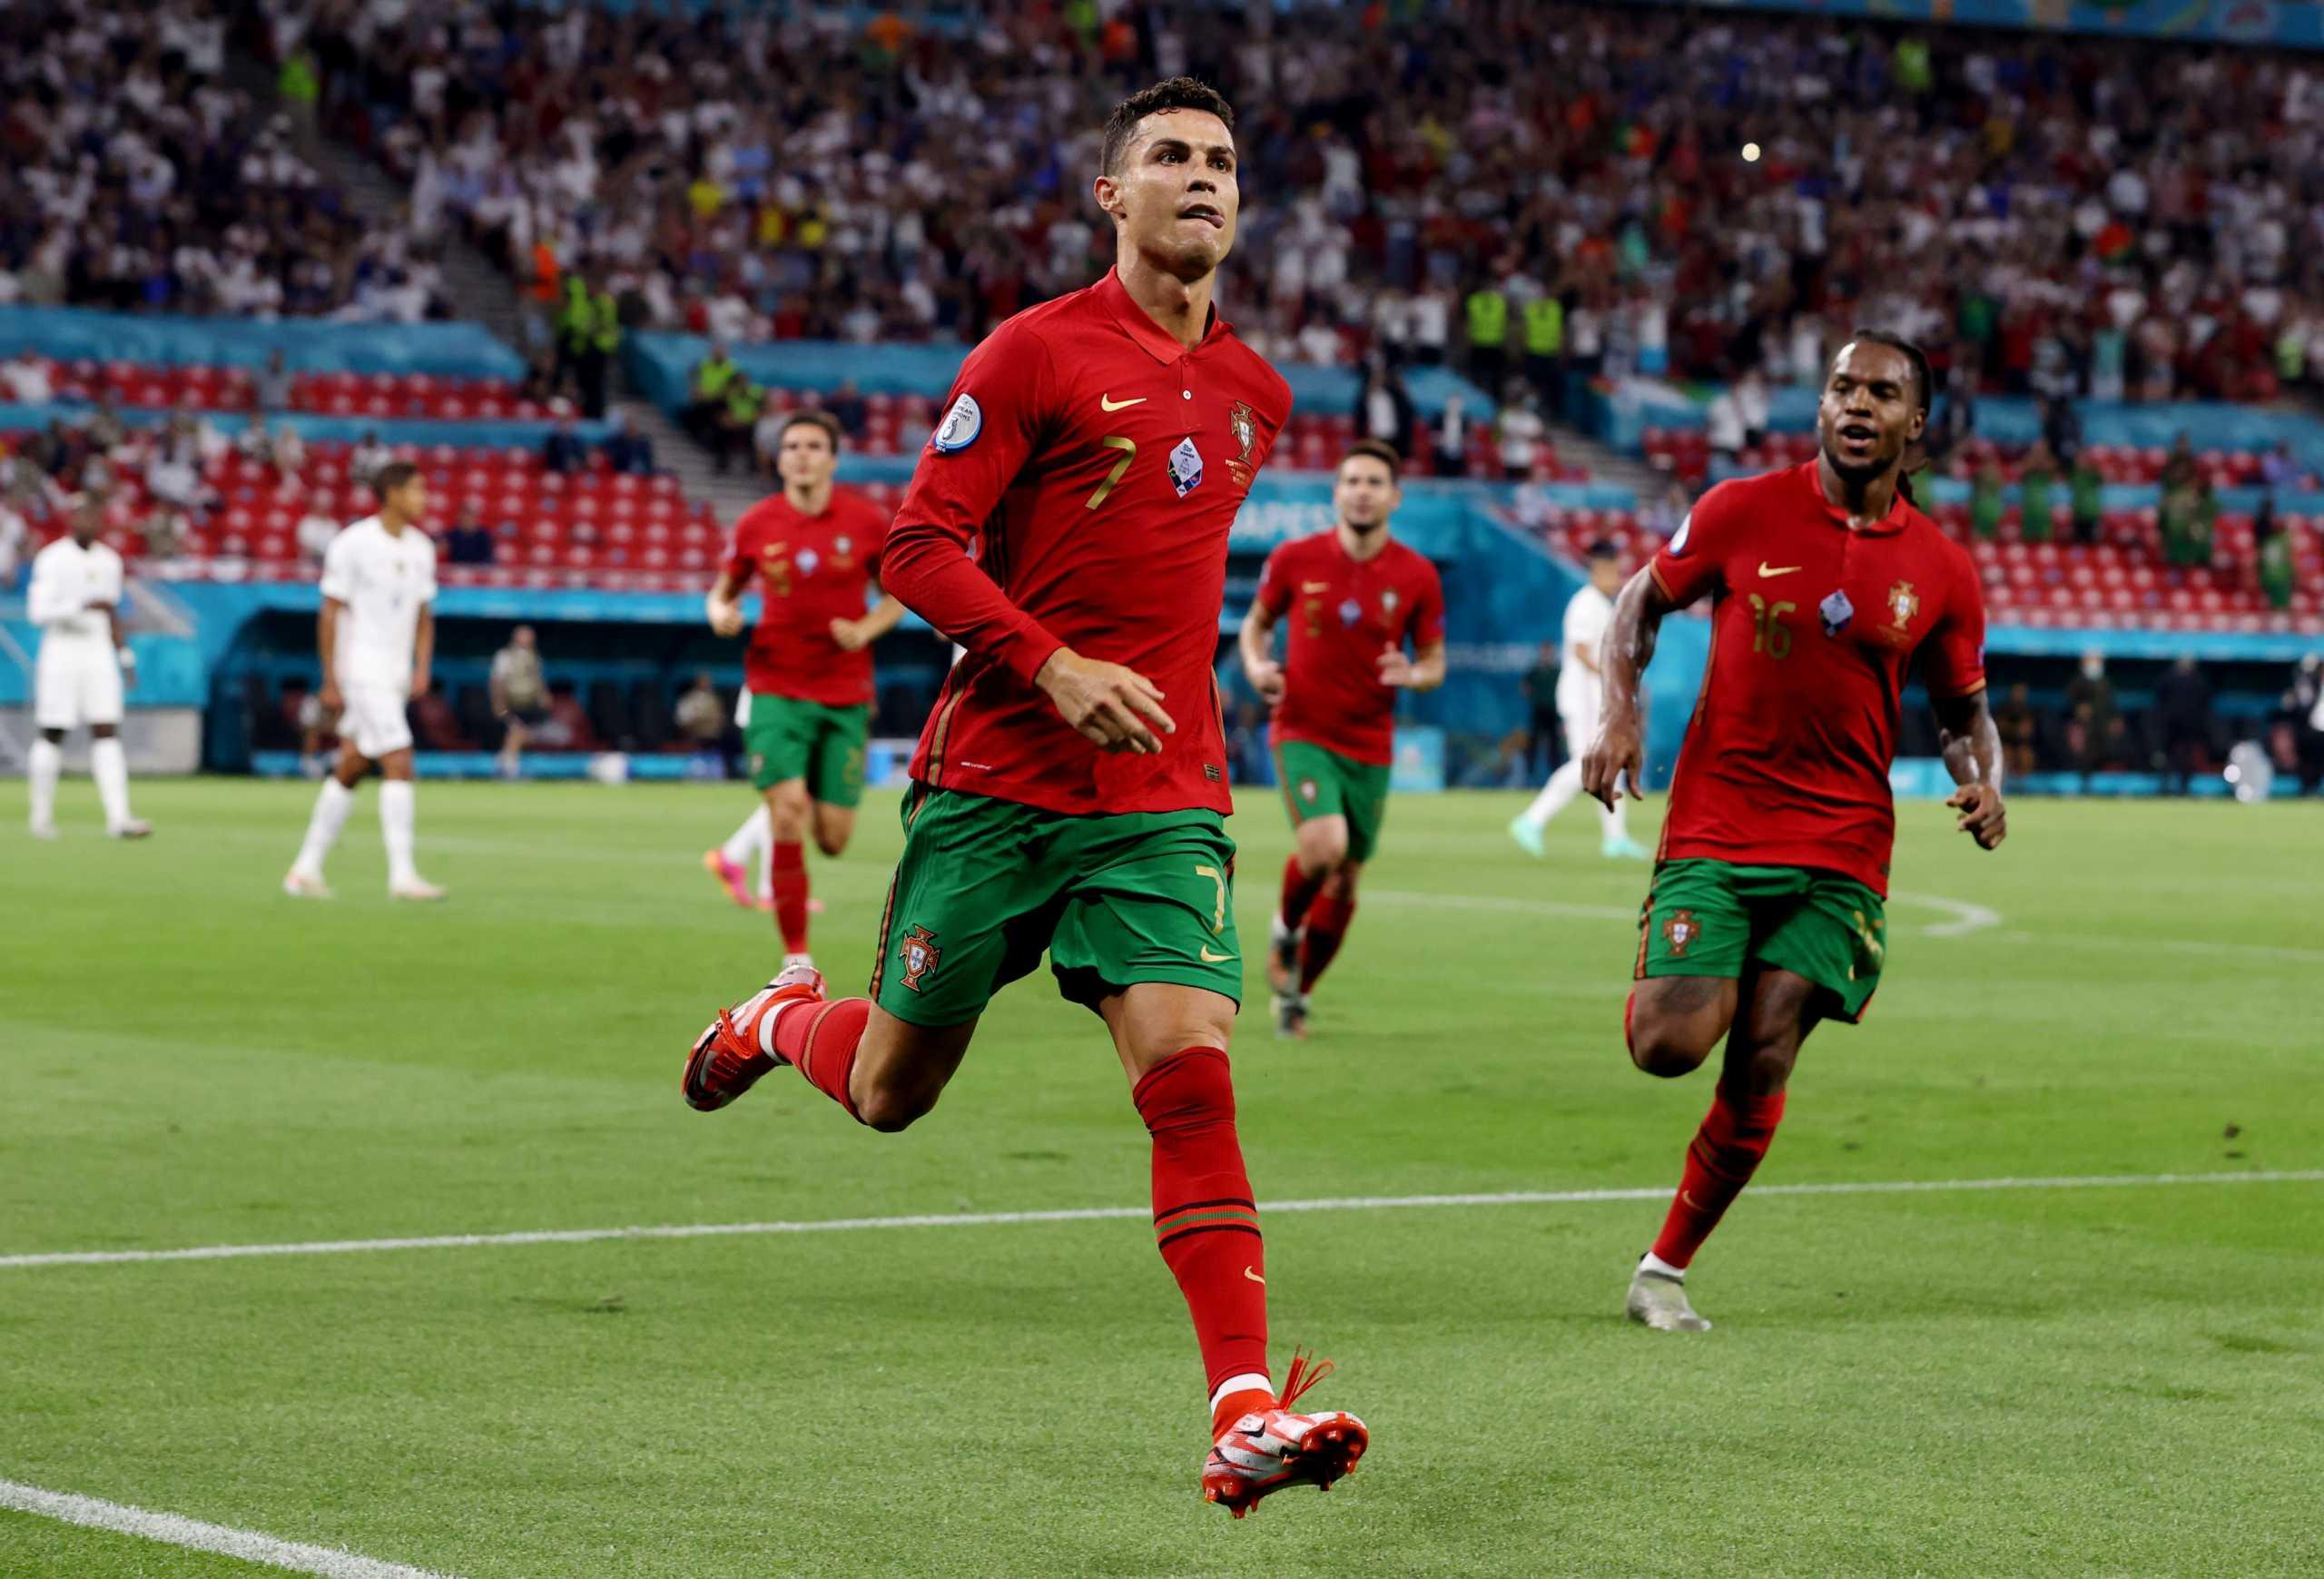 Euro 2020, Πορτογαλία – Γαλλία 2-2 και Γερμανία – Ουγγαρία 2-2 ΤΕΛΙΚΑ